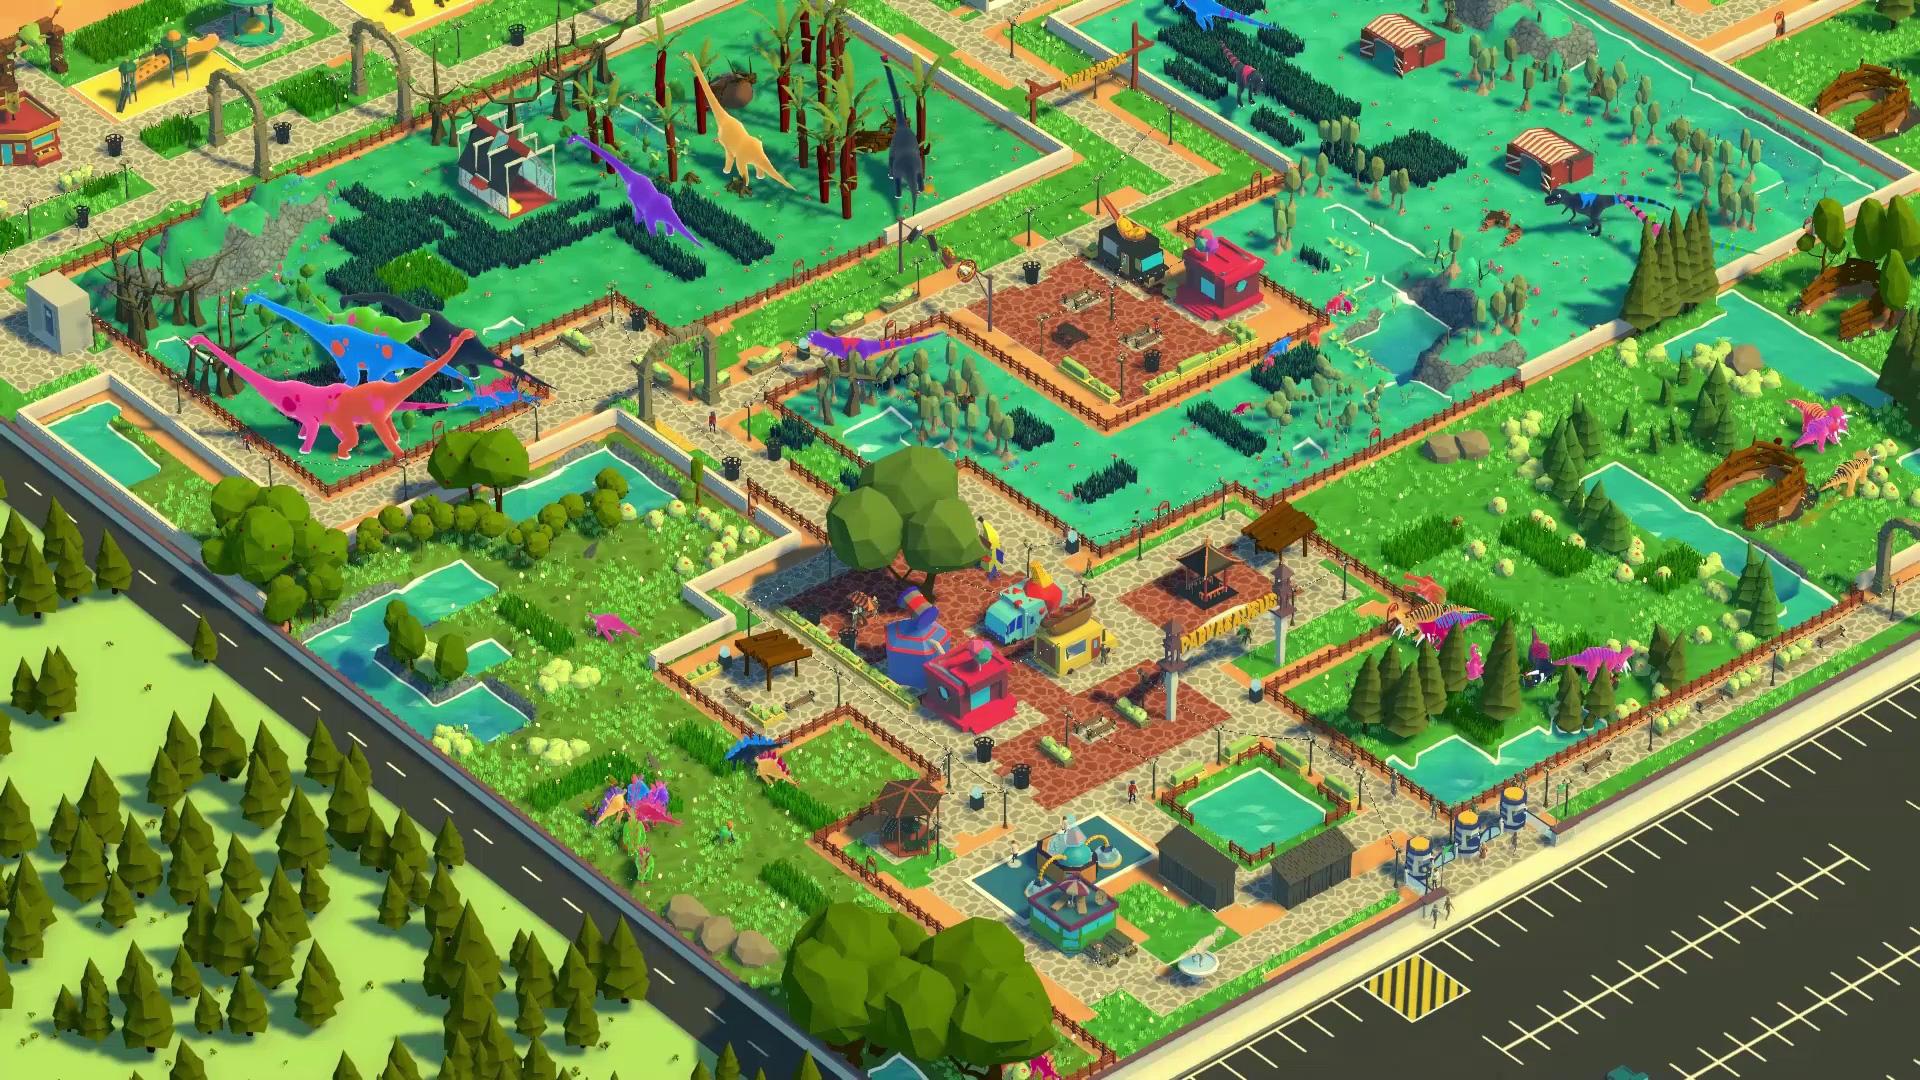 An overview screenshot of Parkasaurus